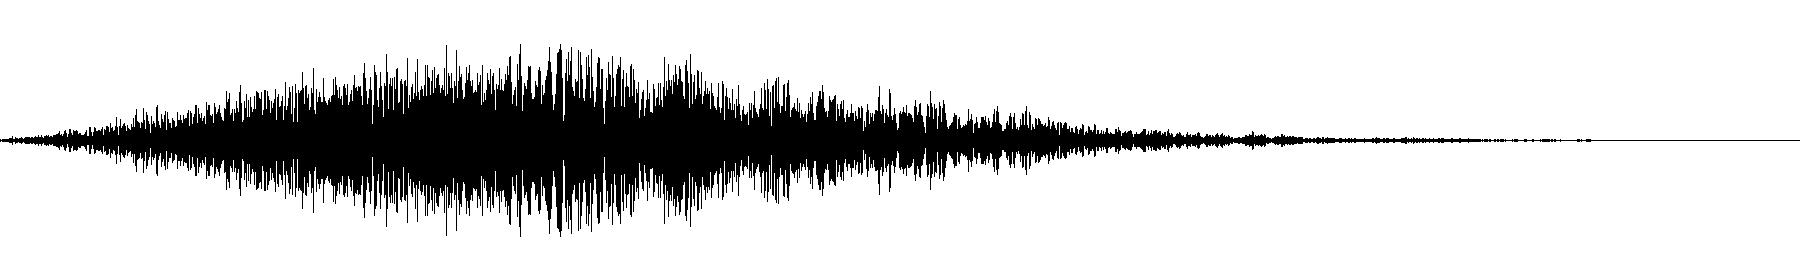 veh2 synths   116 c